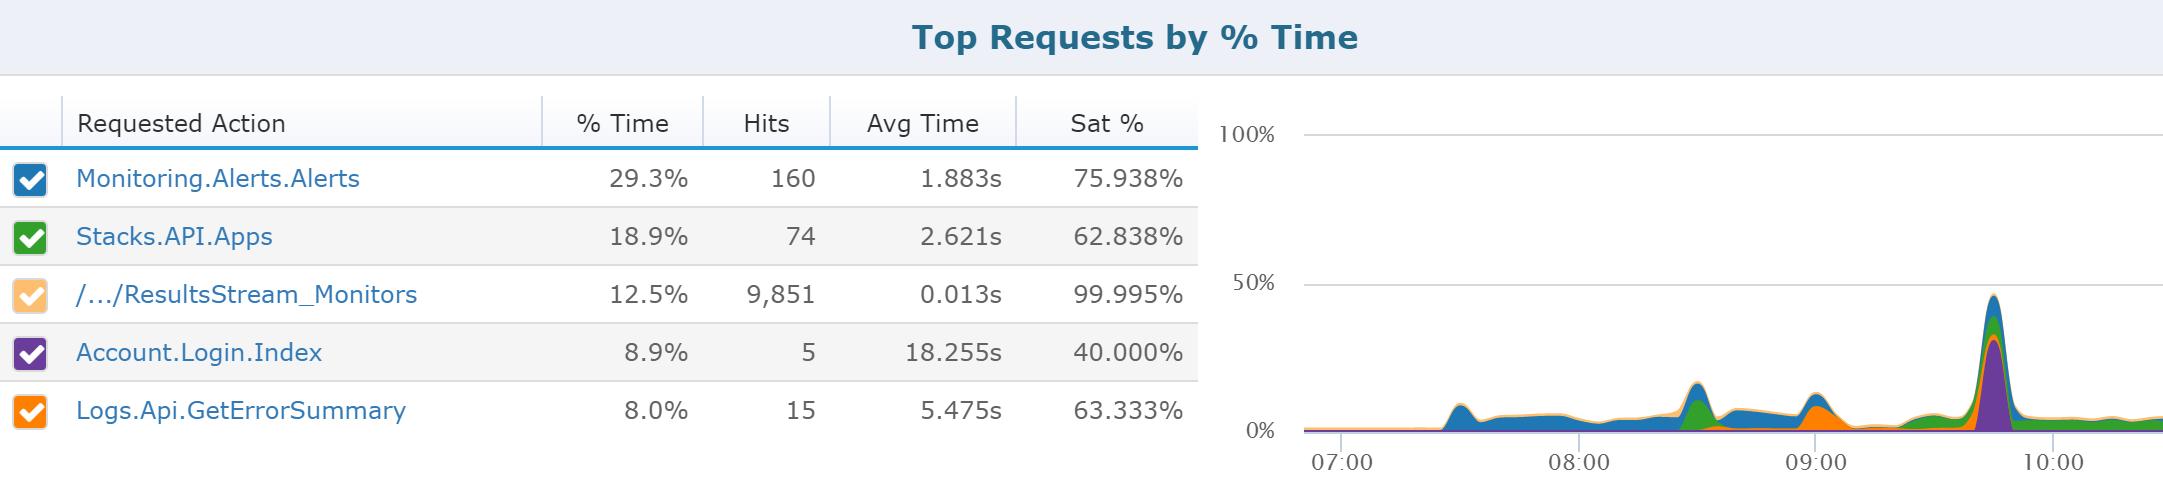 top-requests